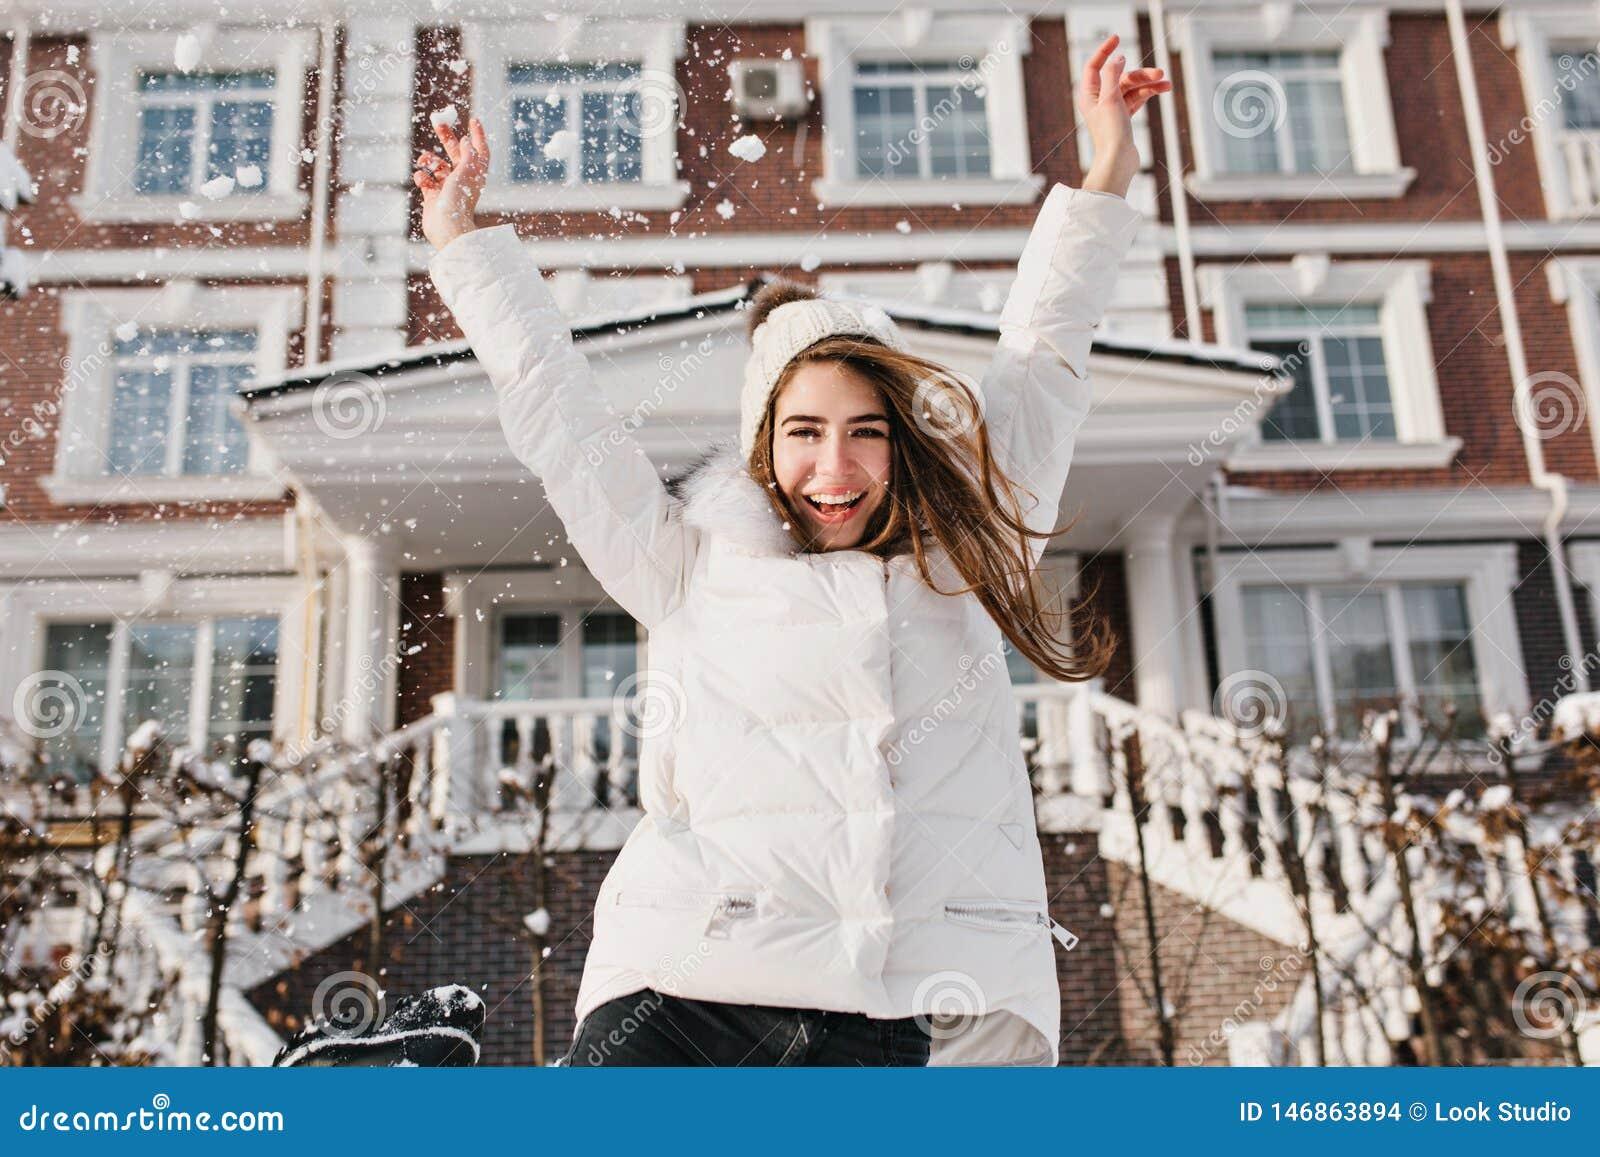 Opgewekte brightful emoties van blije vrij jonge vrouw die soround sneeuwval op straat in de wintertijd uitdrukken op huis